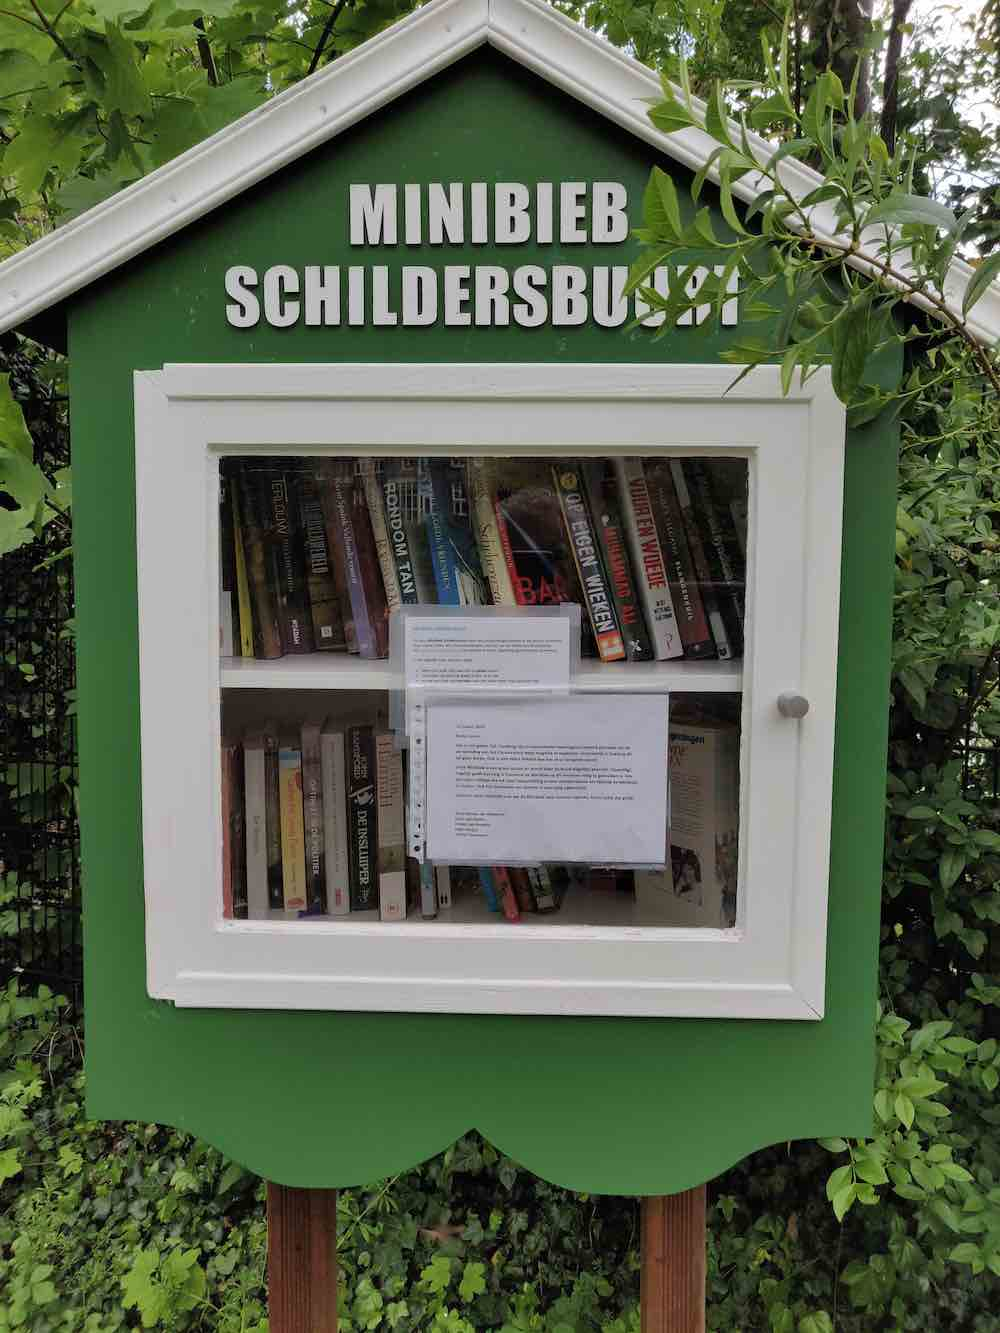 Minibieb Schildersbuurt copy